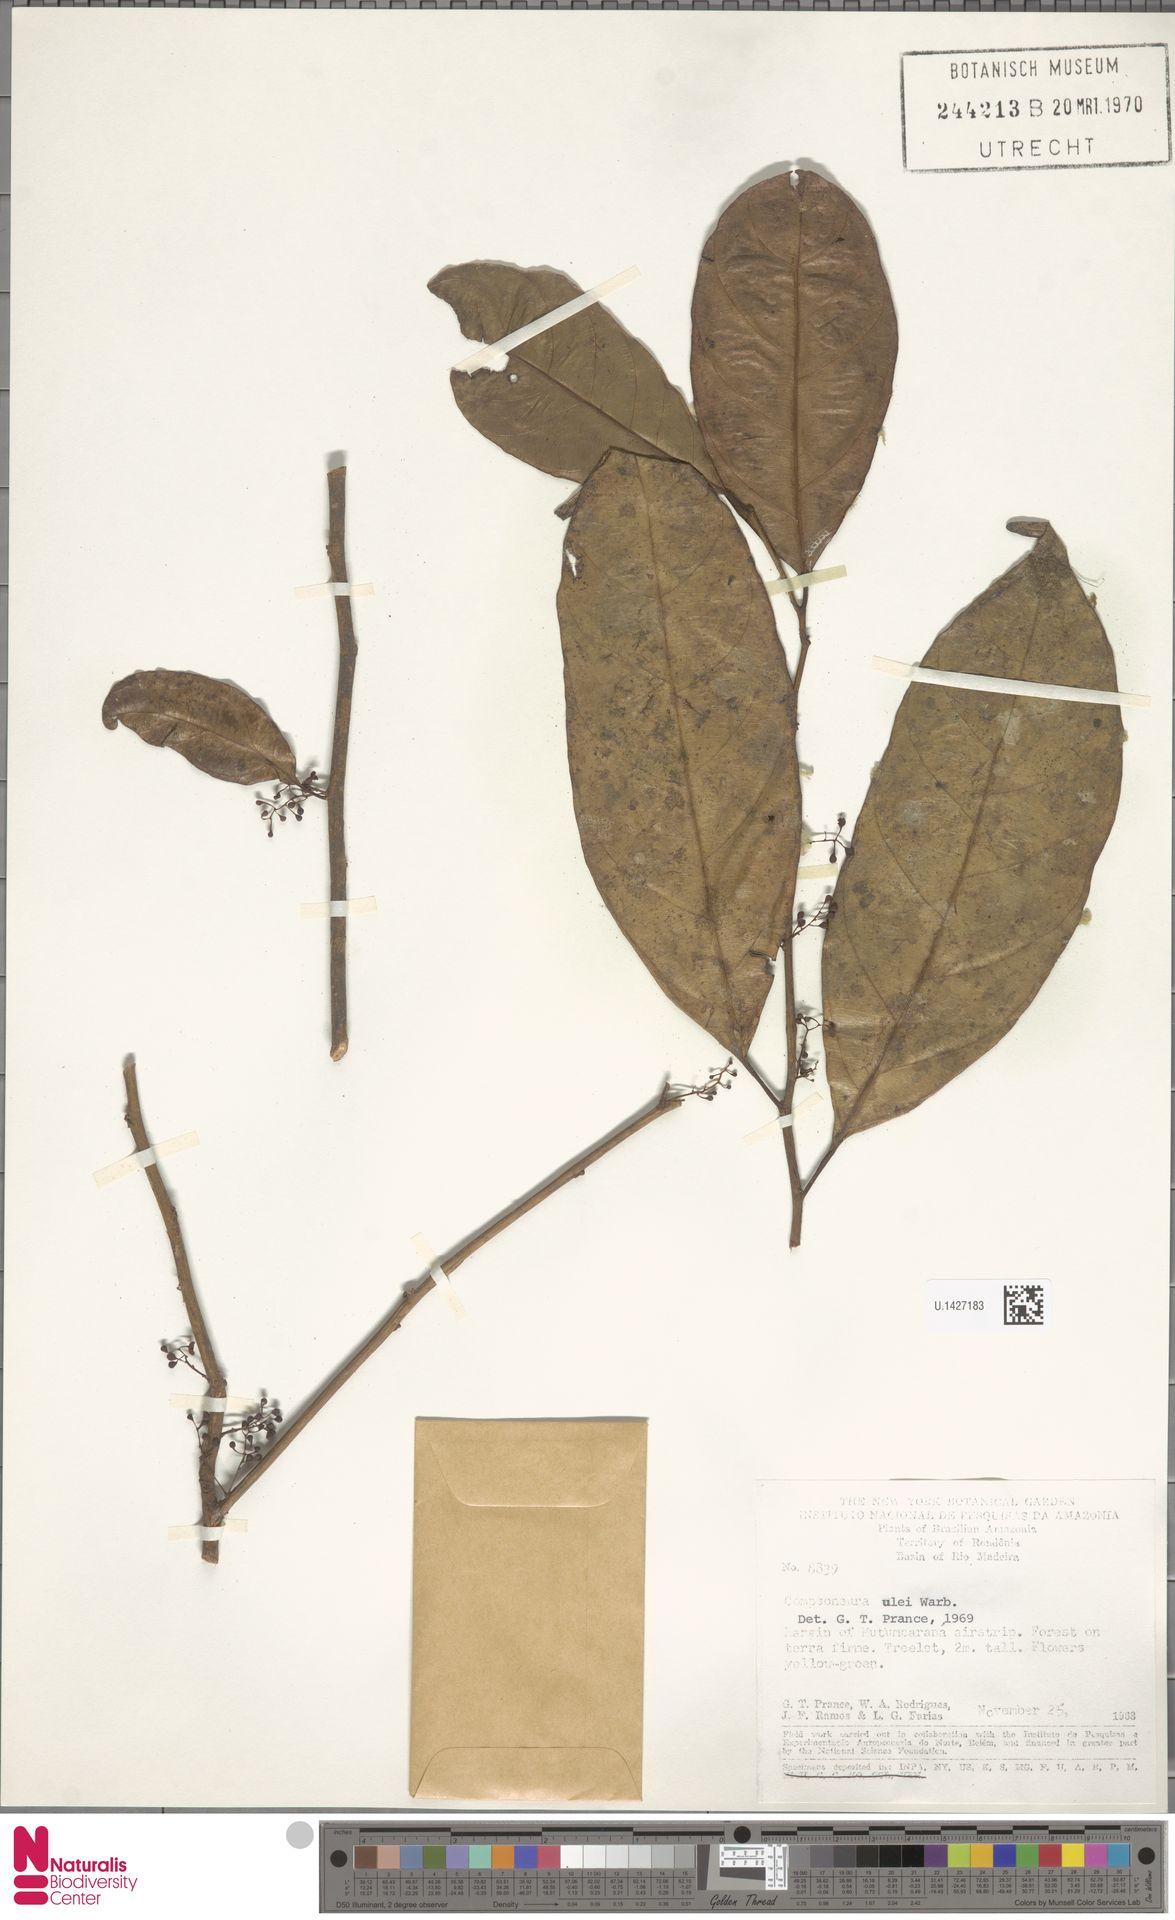 U.1427183 | Compsoneura ulei Warb.